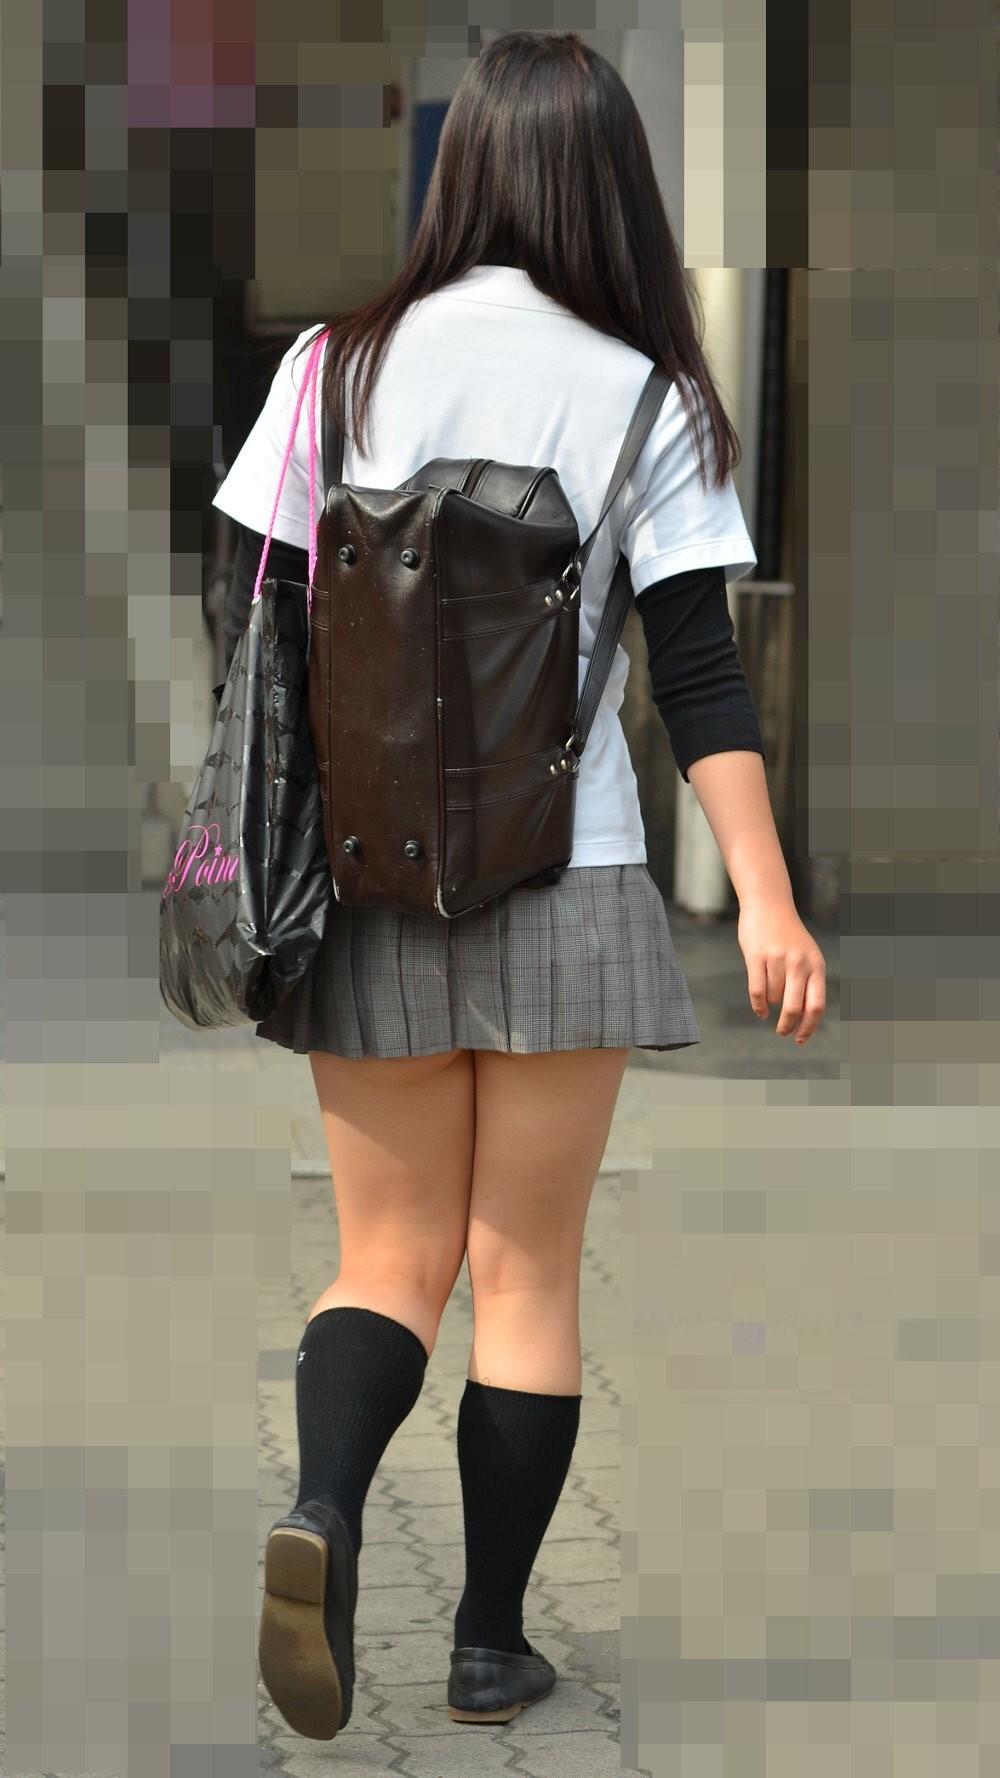 【街撮りJKエロ画像】盗撮されてるなんて夢にも思わない女子高生の自然体がなぜかそそる街撮り画像 その9